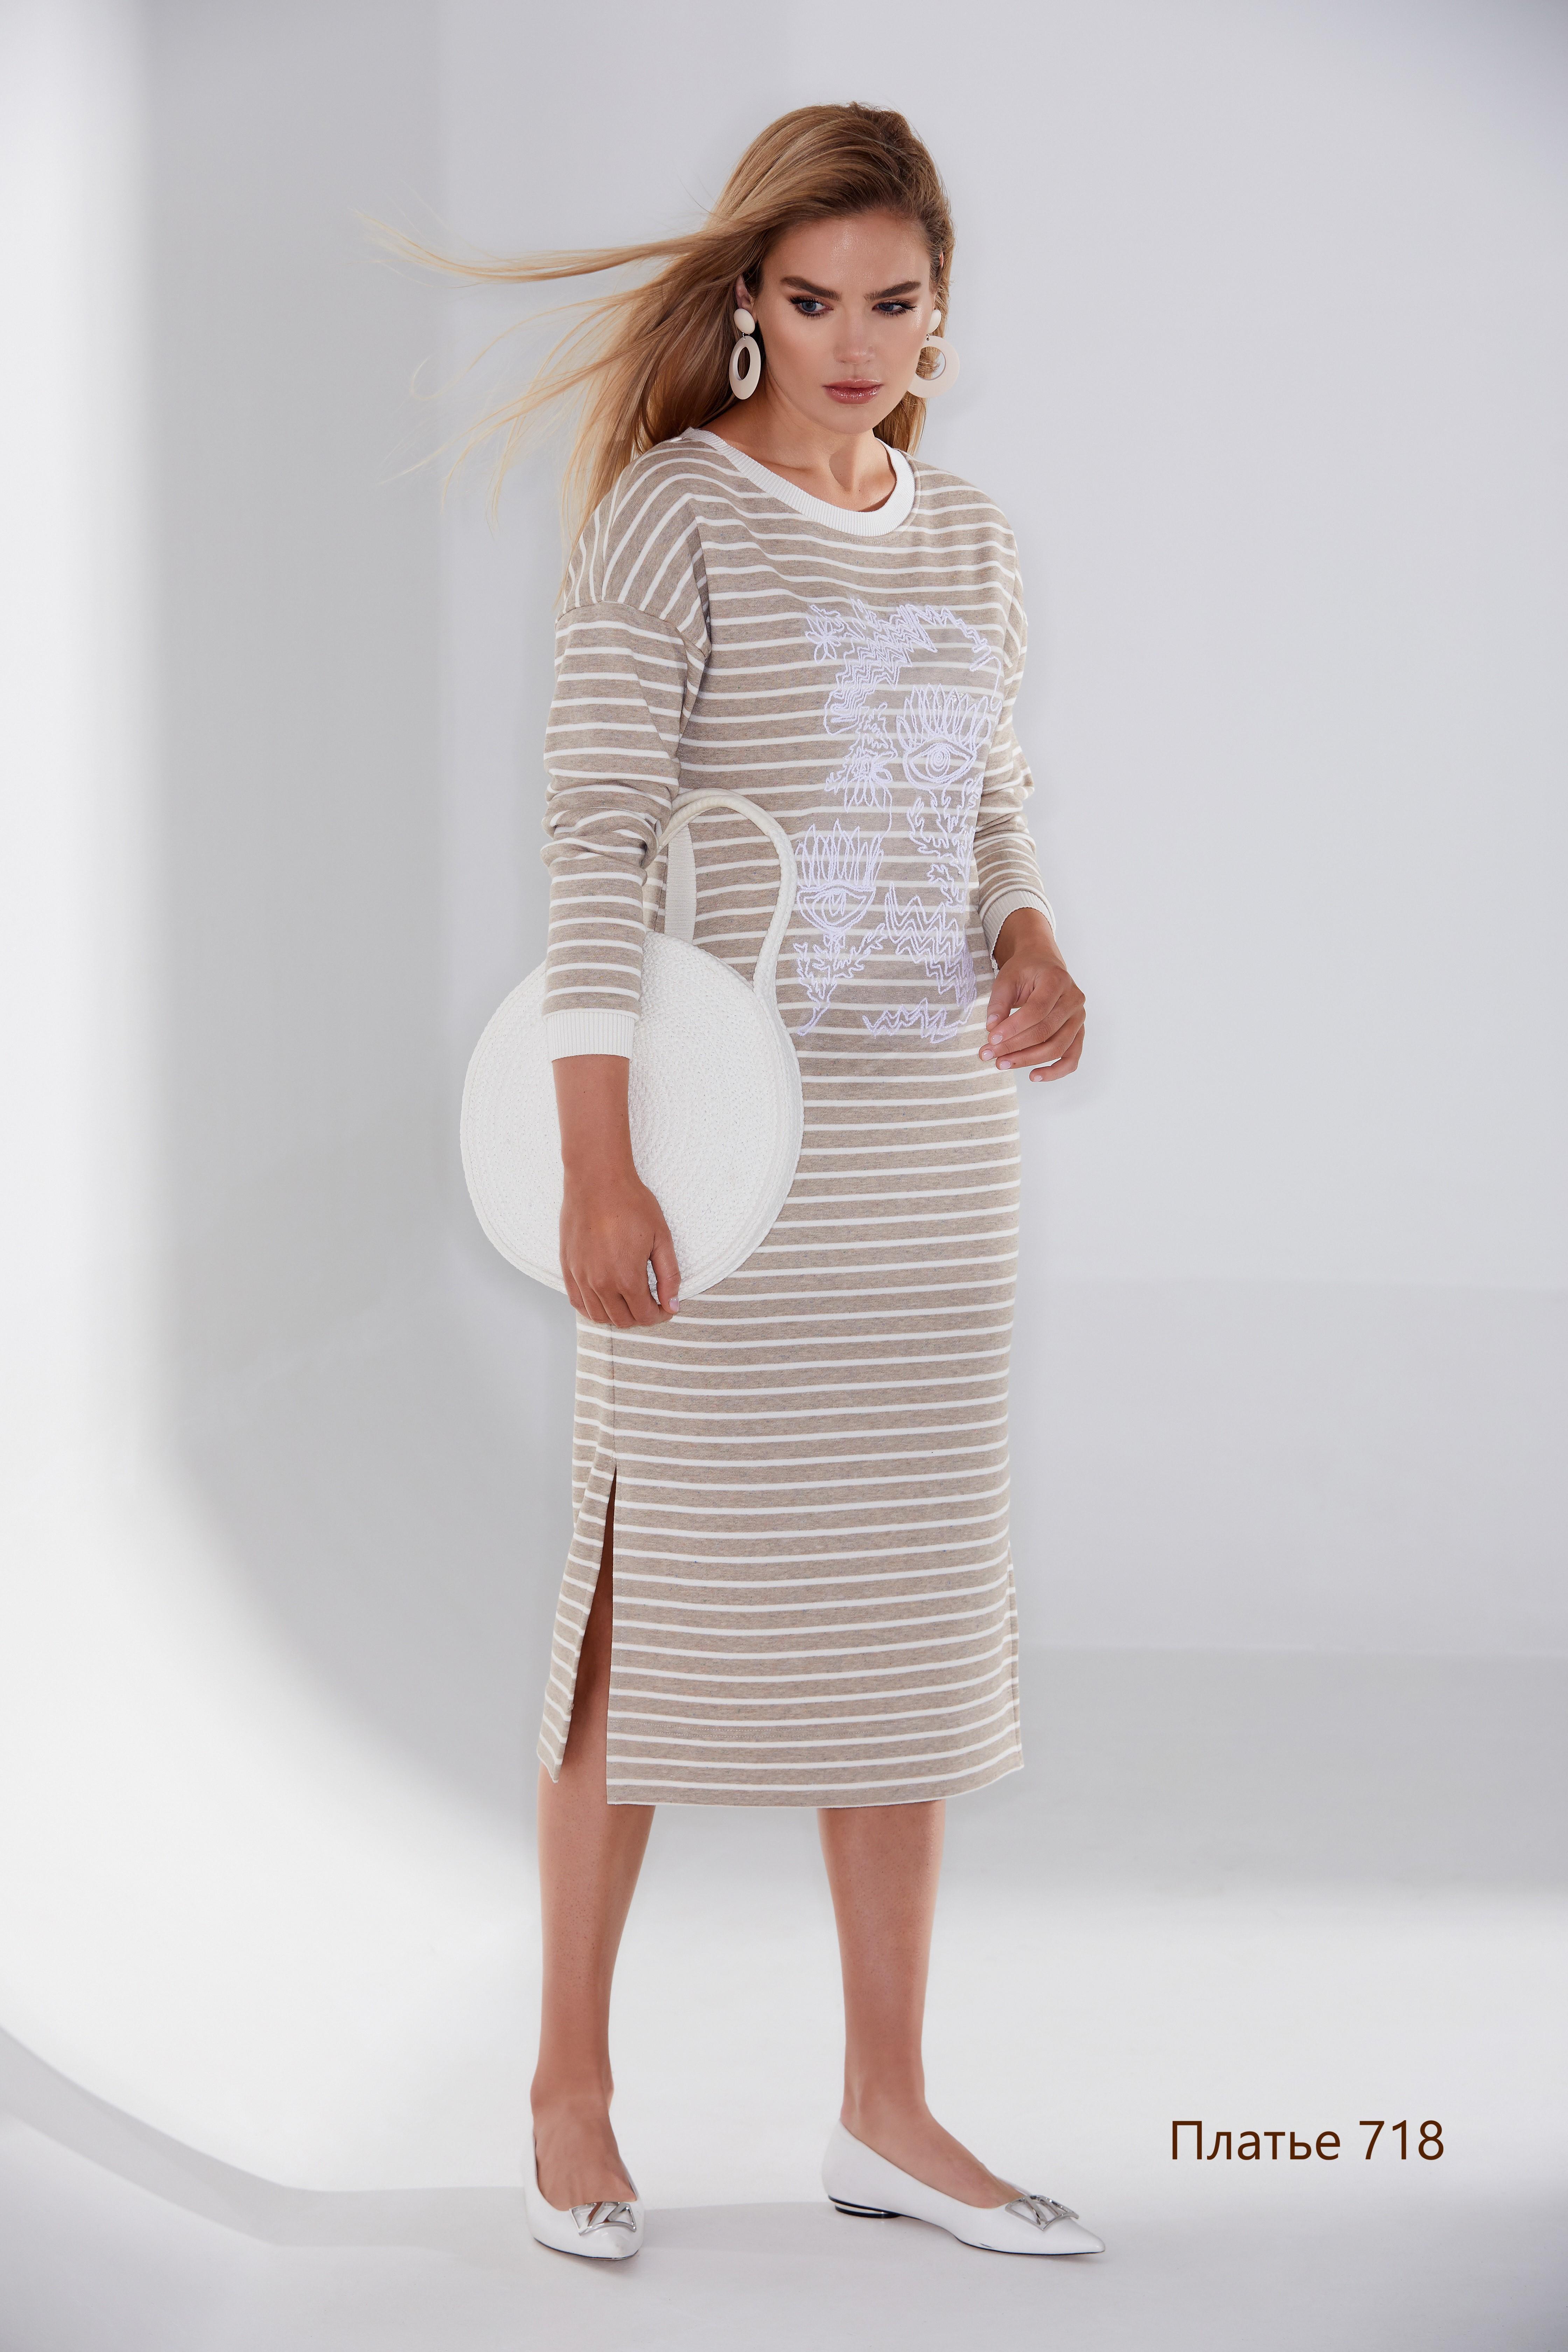 Платье 718 (1)